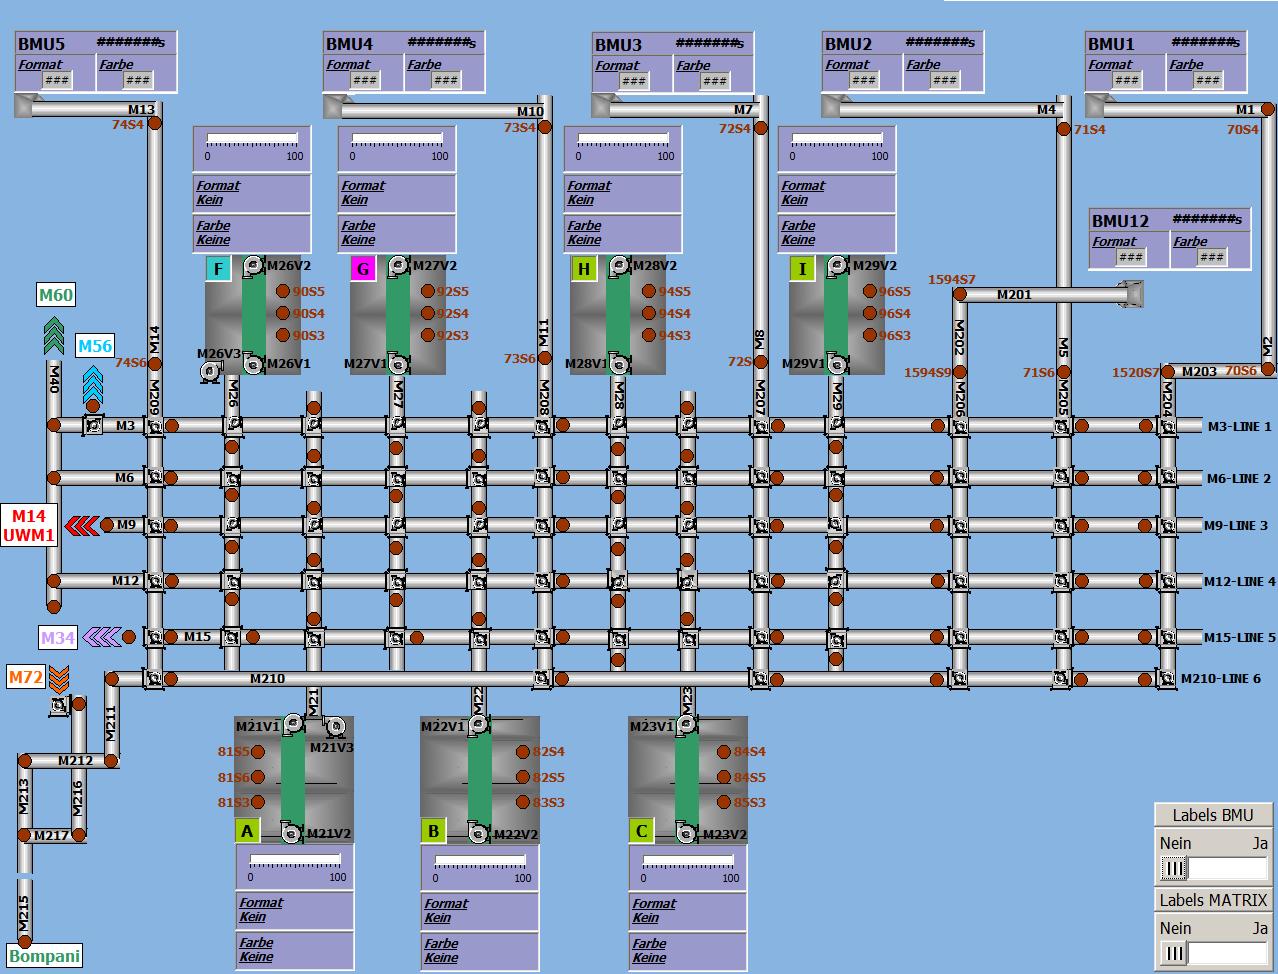 Matica distribučného dopravníkového systému